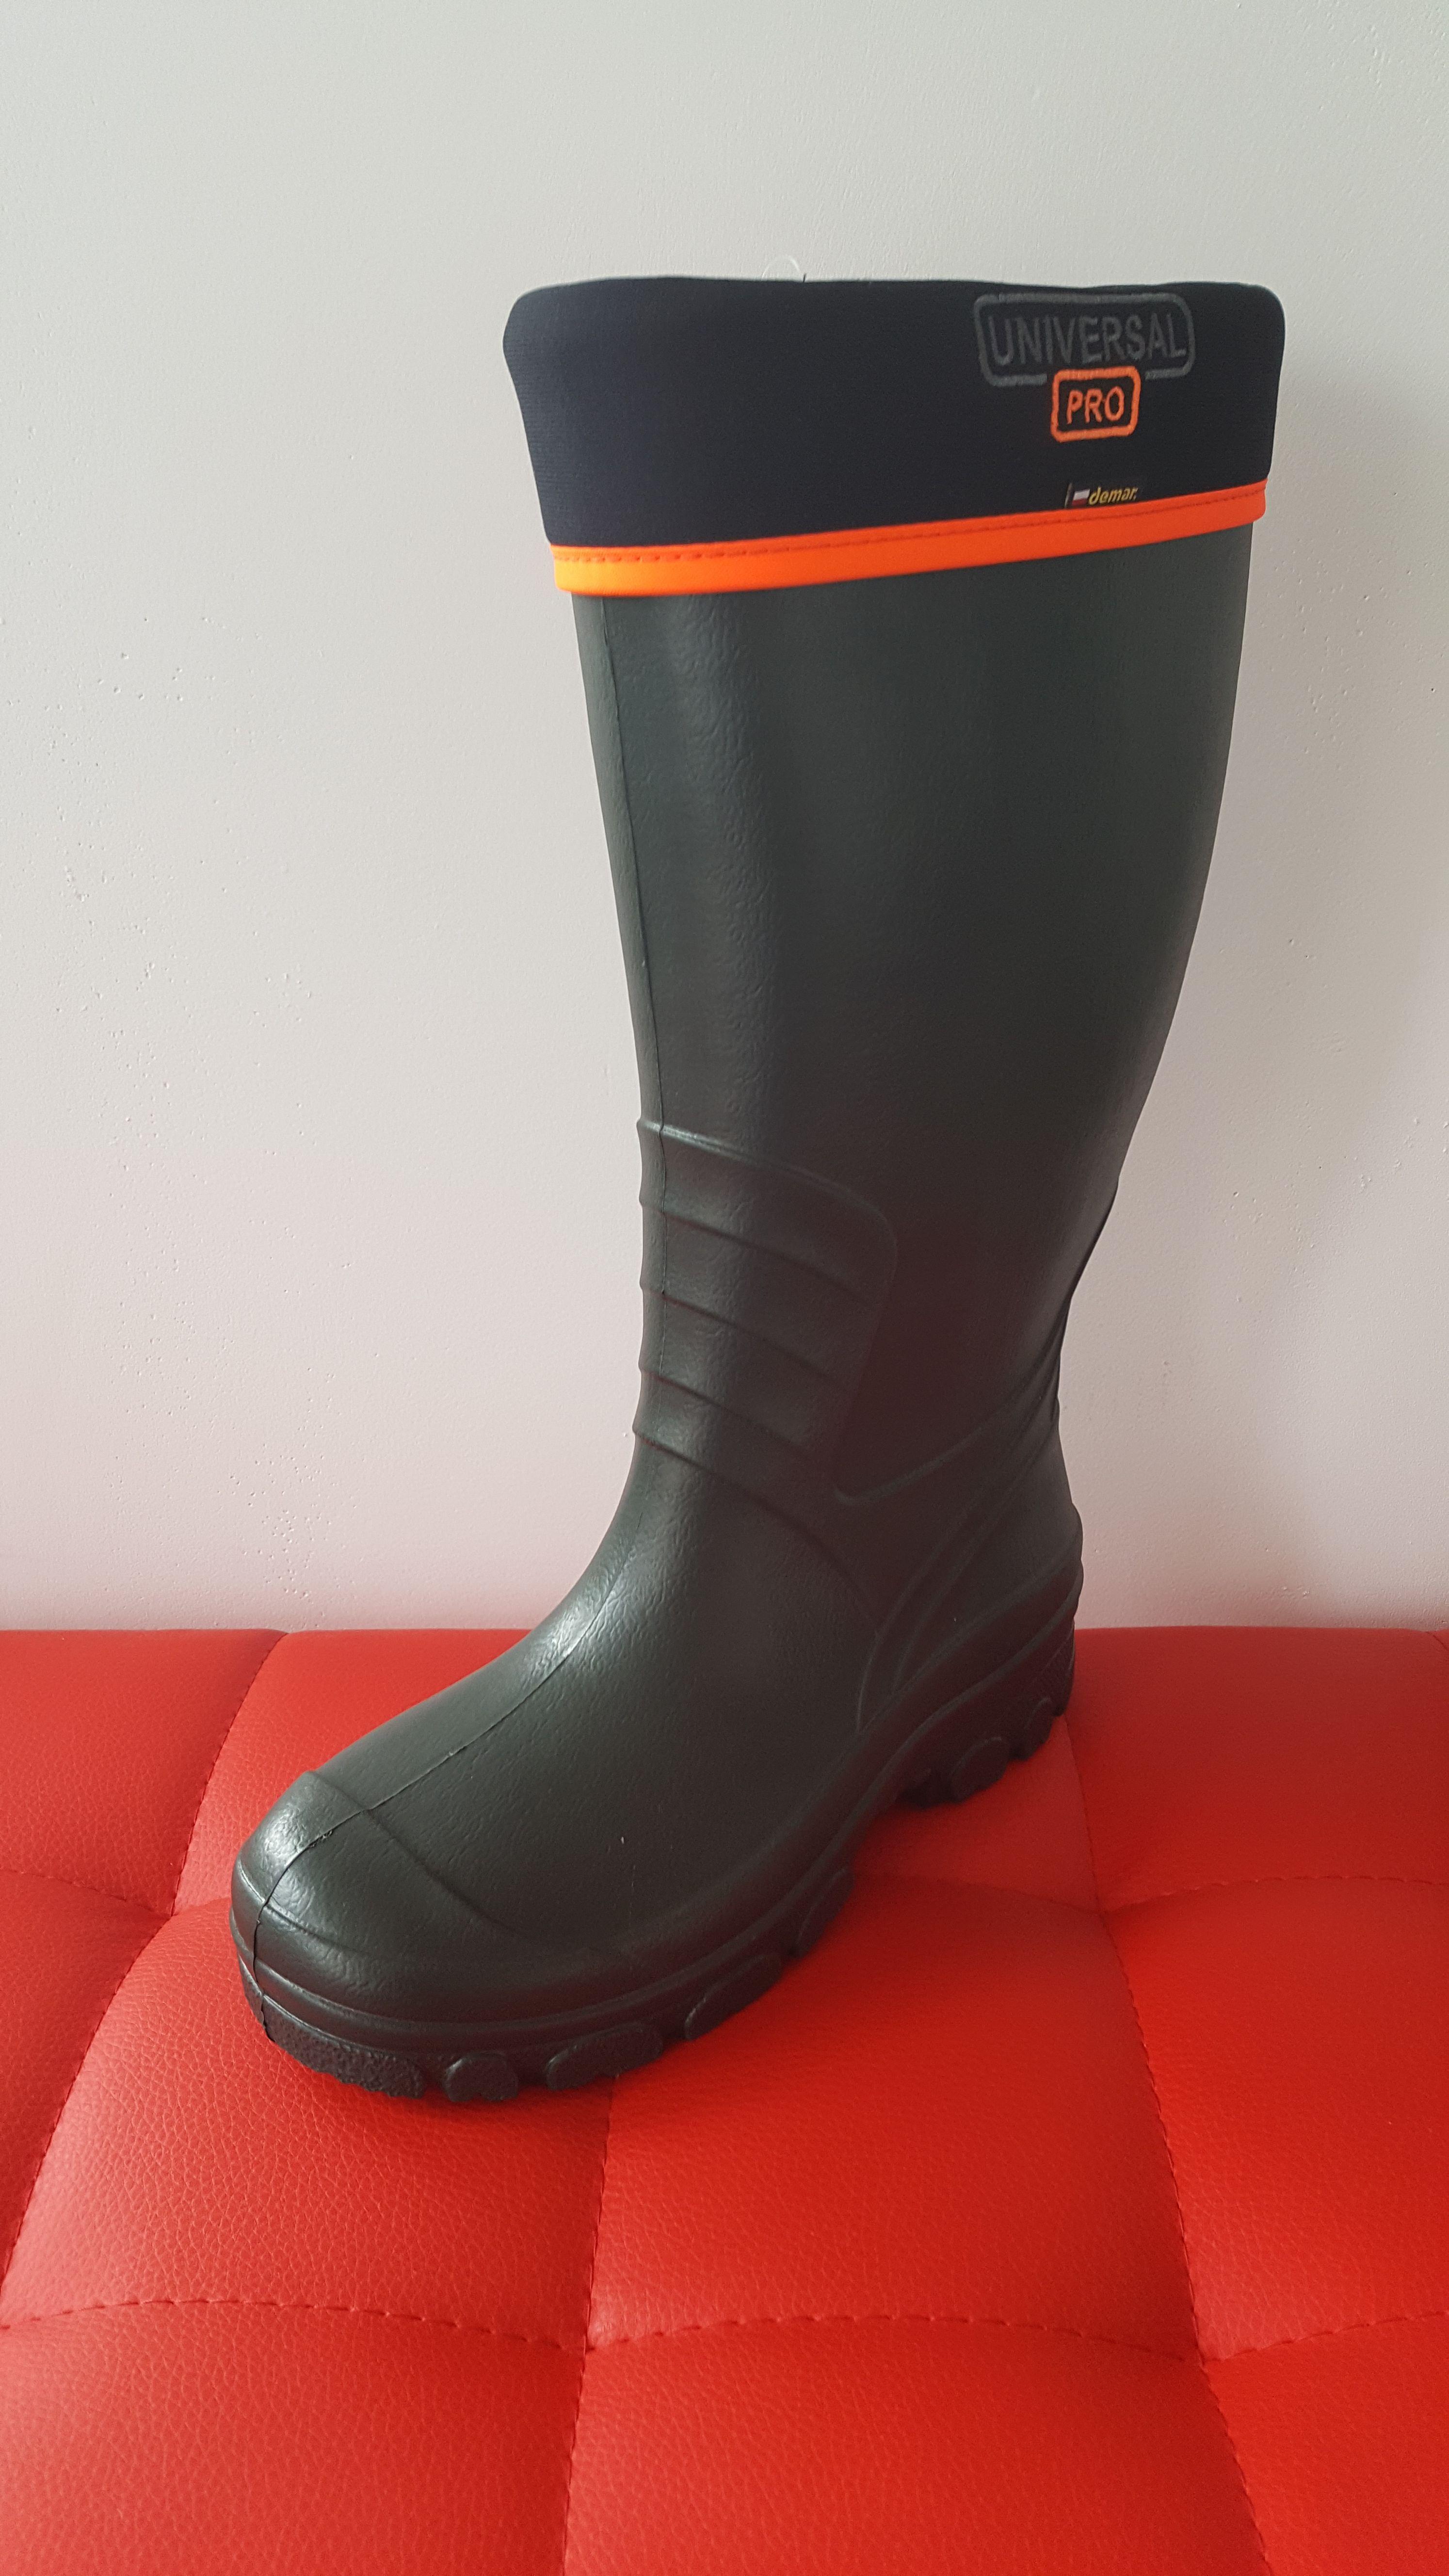 Buty Wedkarskie Mysliwskie Kalosze Piankowe Demar New Universal Pro Boots Hunter Boots Wellington Boot